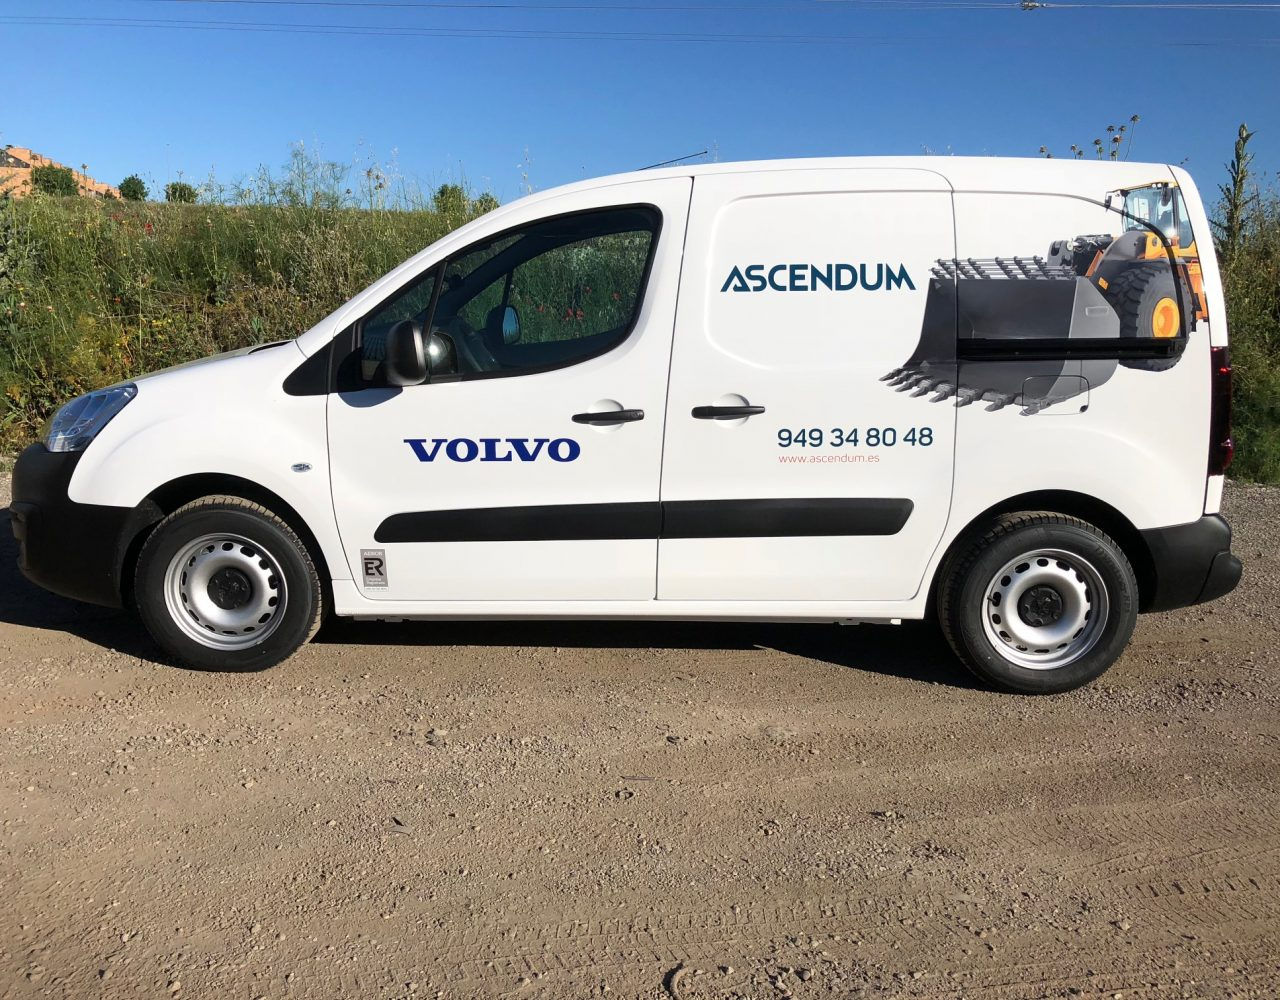 Volvo Ascendum